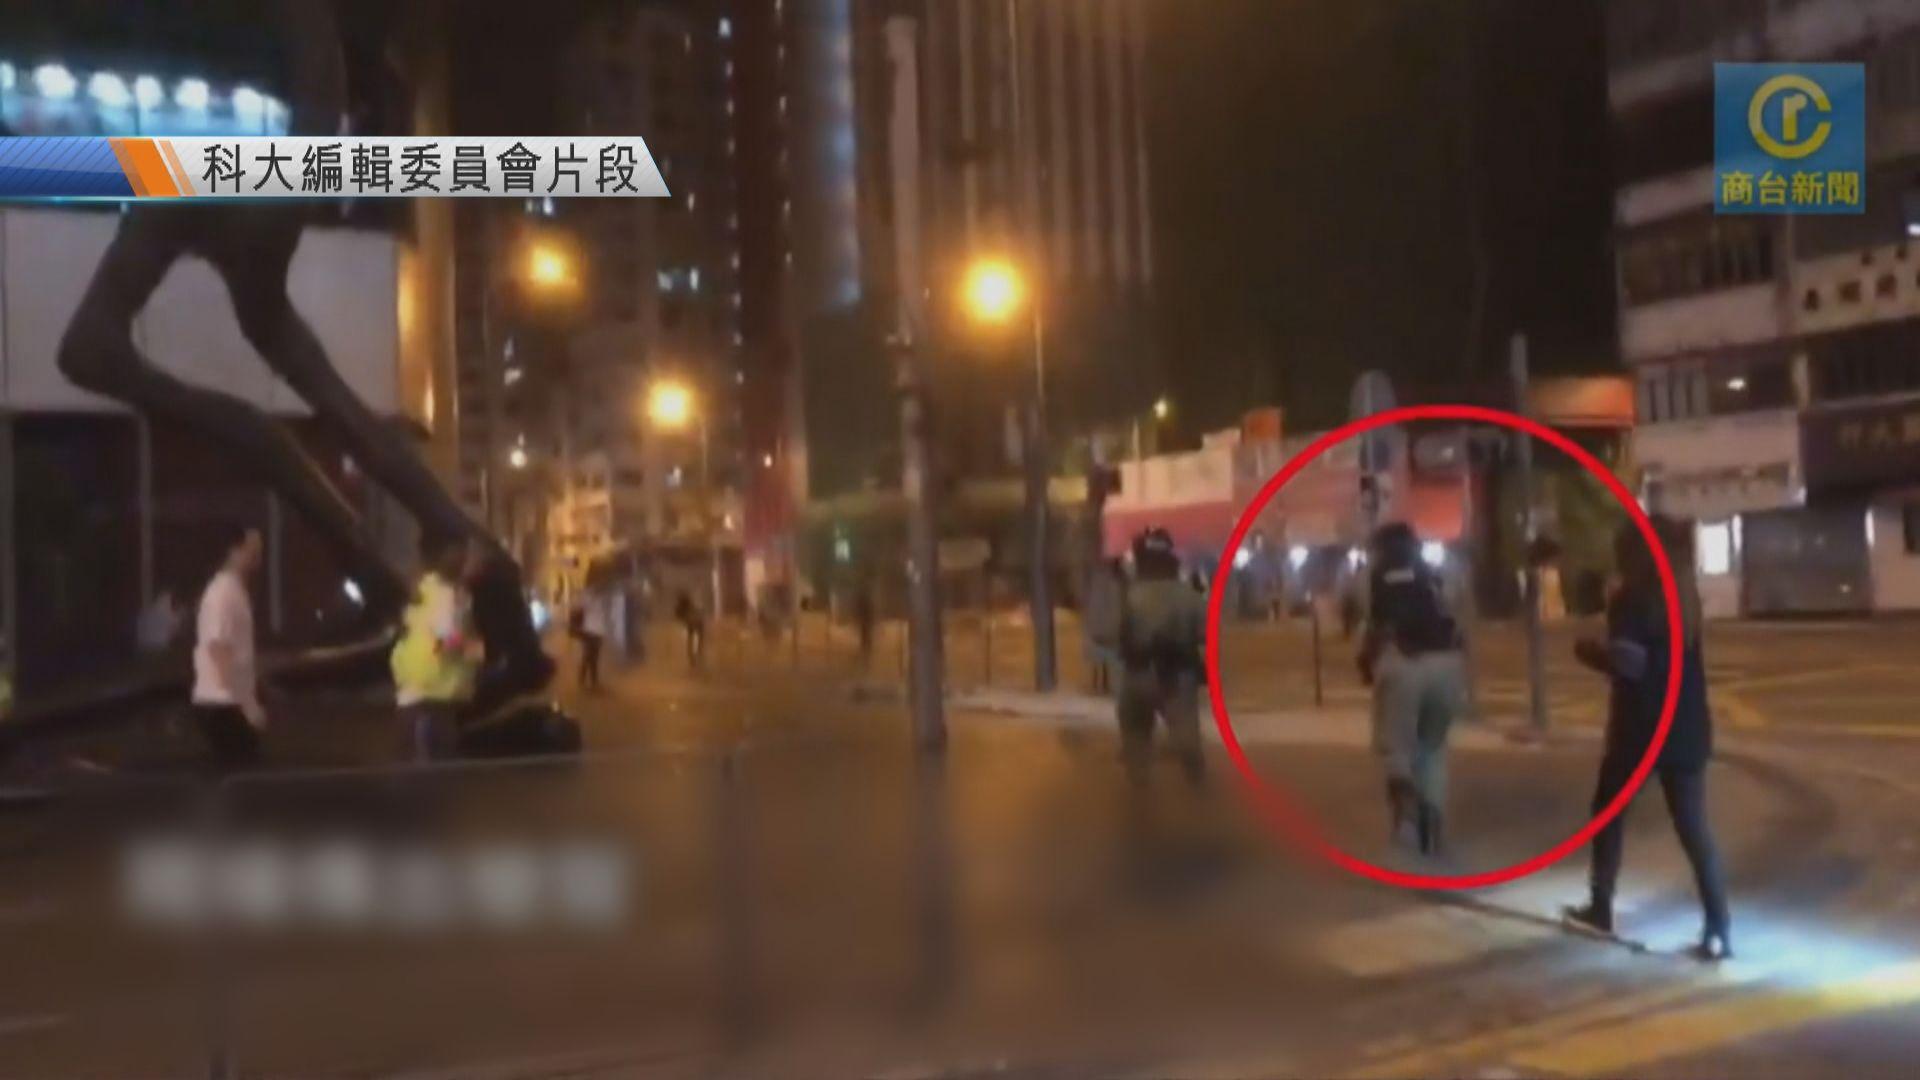 商台記者凌晨採訪疑遭海綿彈擊中背囊